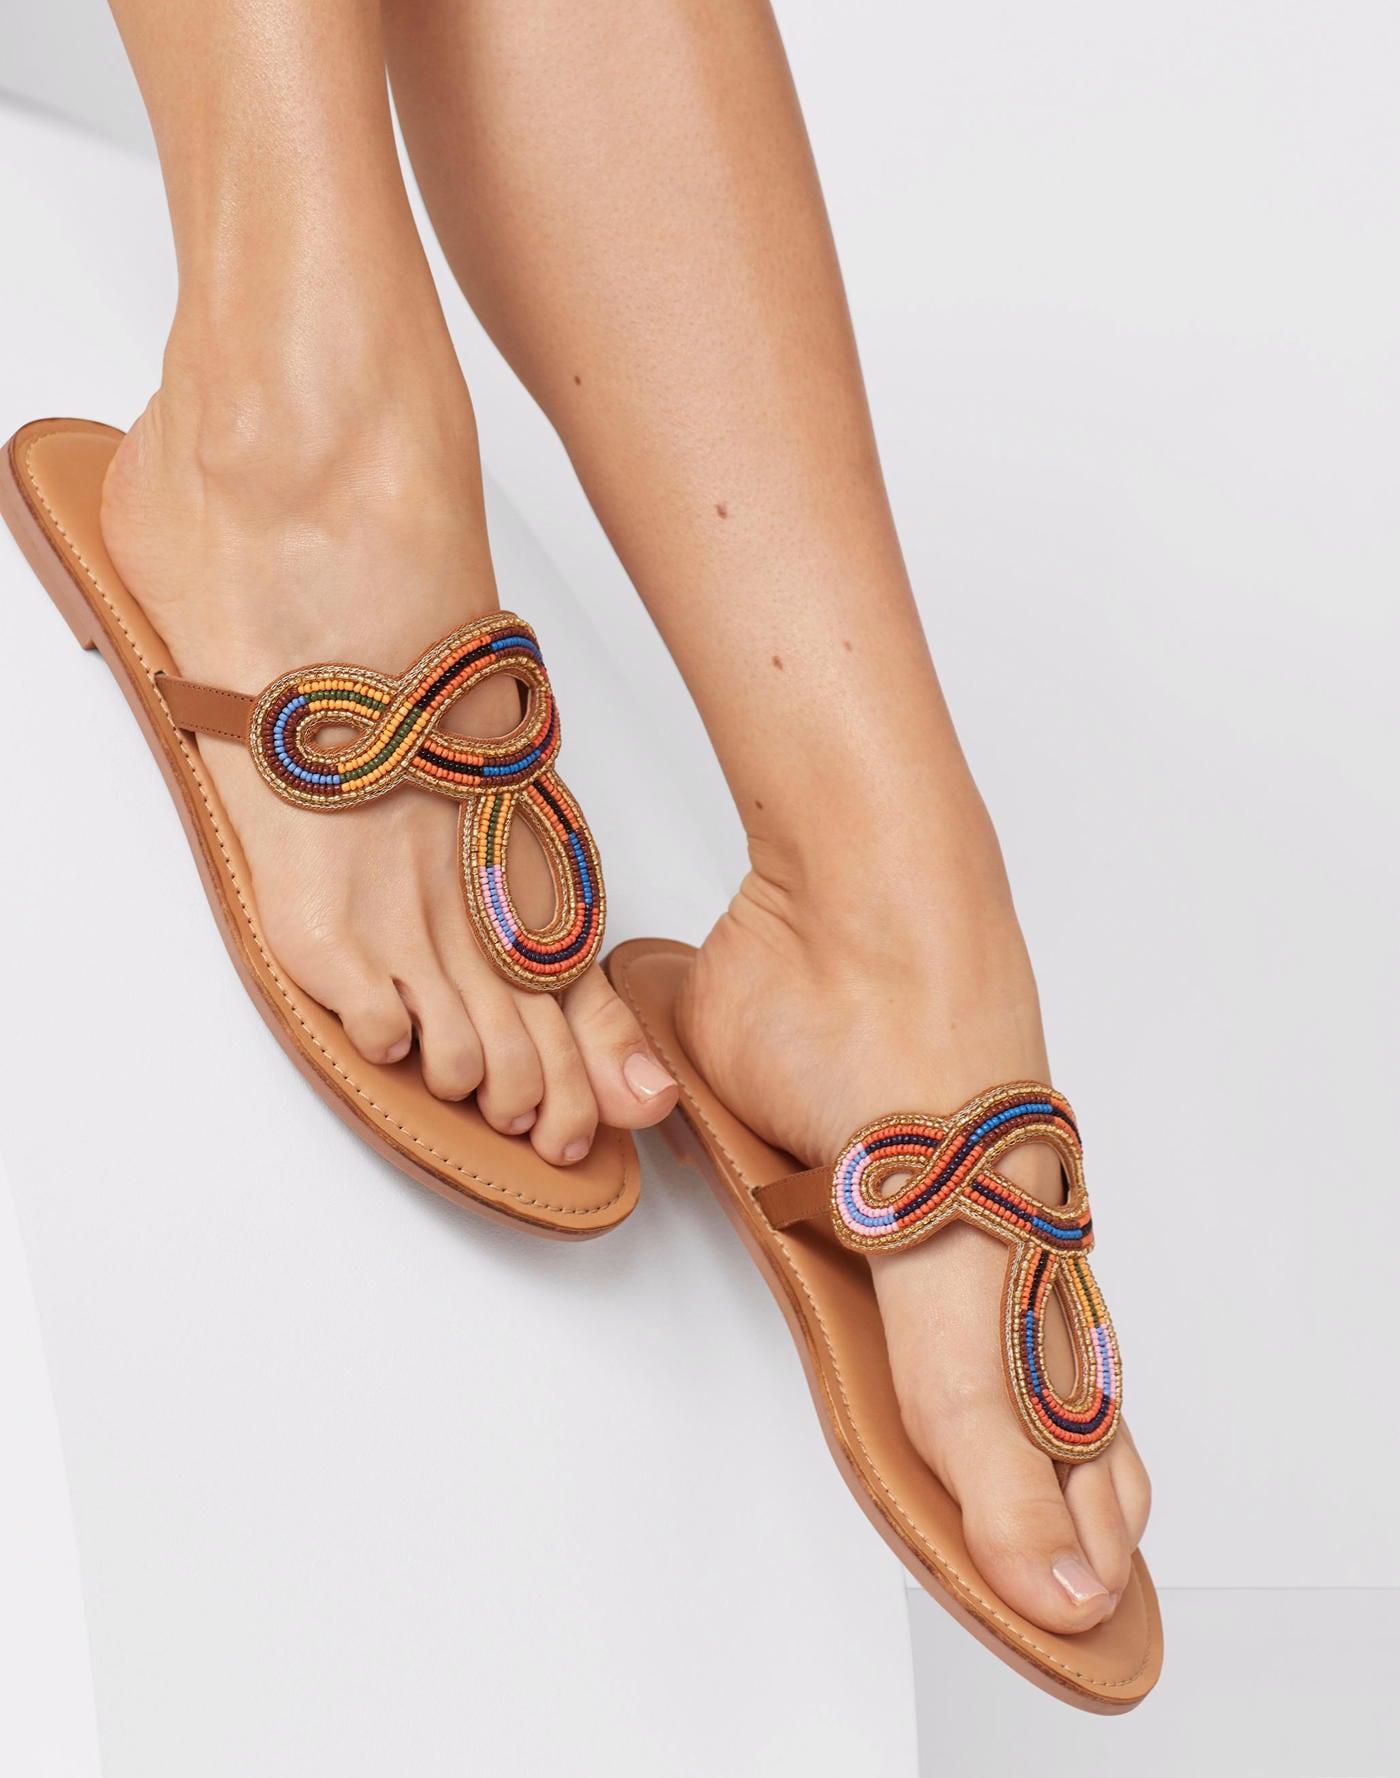 da870bd0c8 Women's Shoes, Boots, Sandals, Handbags and Accessories | ALDO US |  Aldoshoes.com US